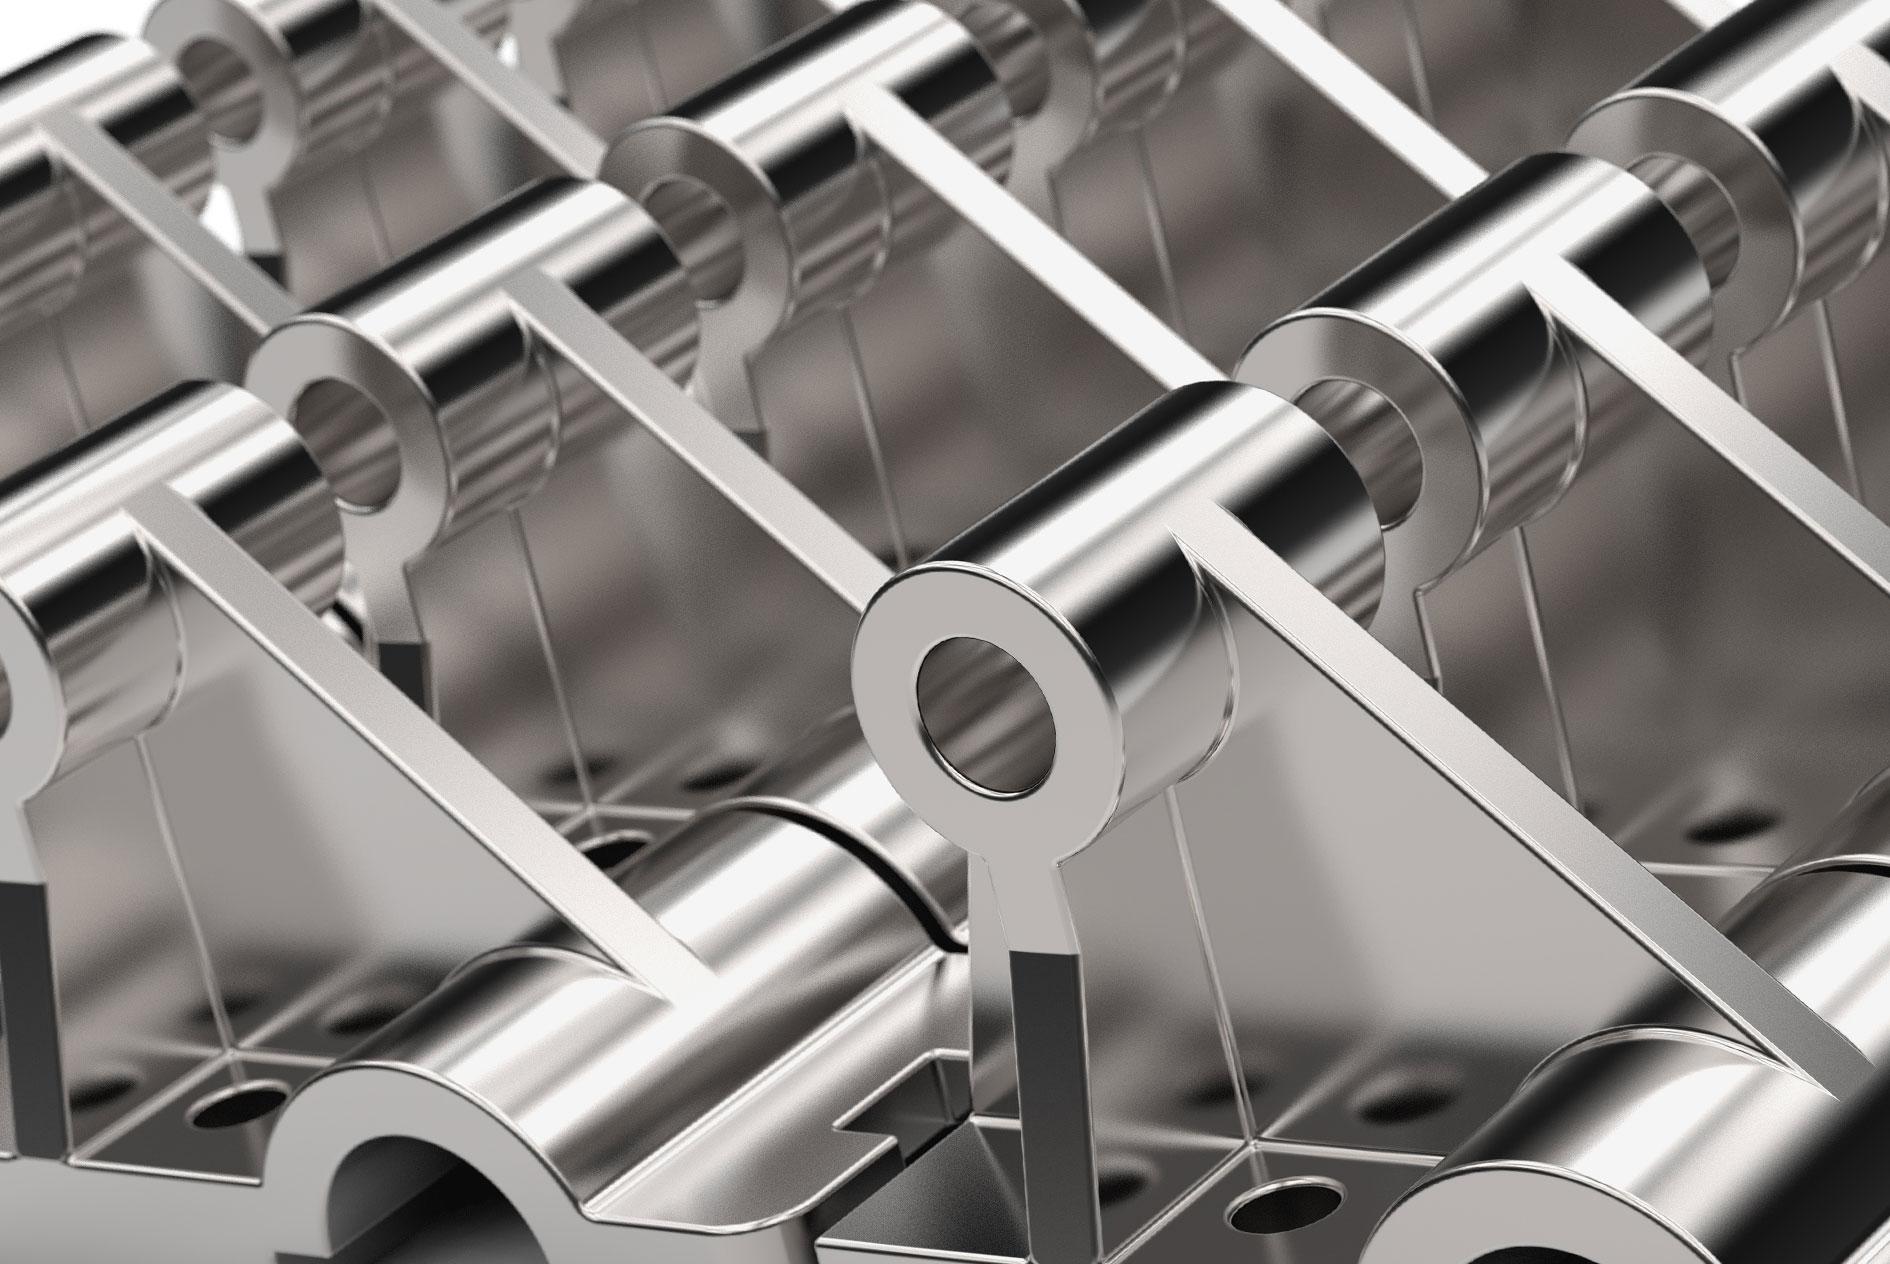 kkkoy-konetehdas-varaosapalvelu-alihankinta-metalliteollisuus-1